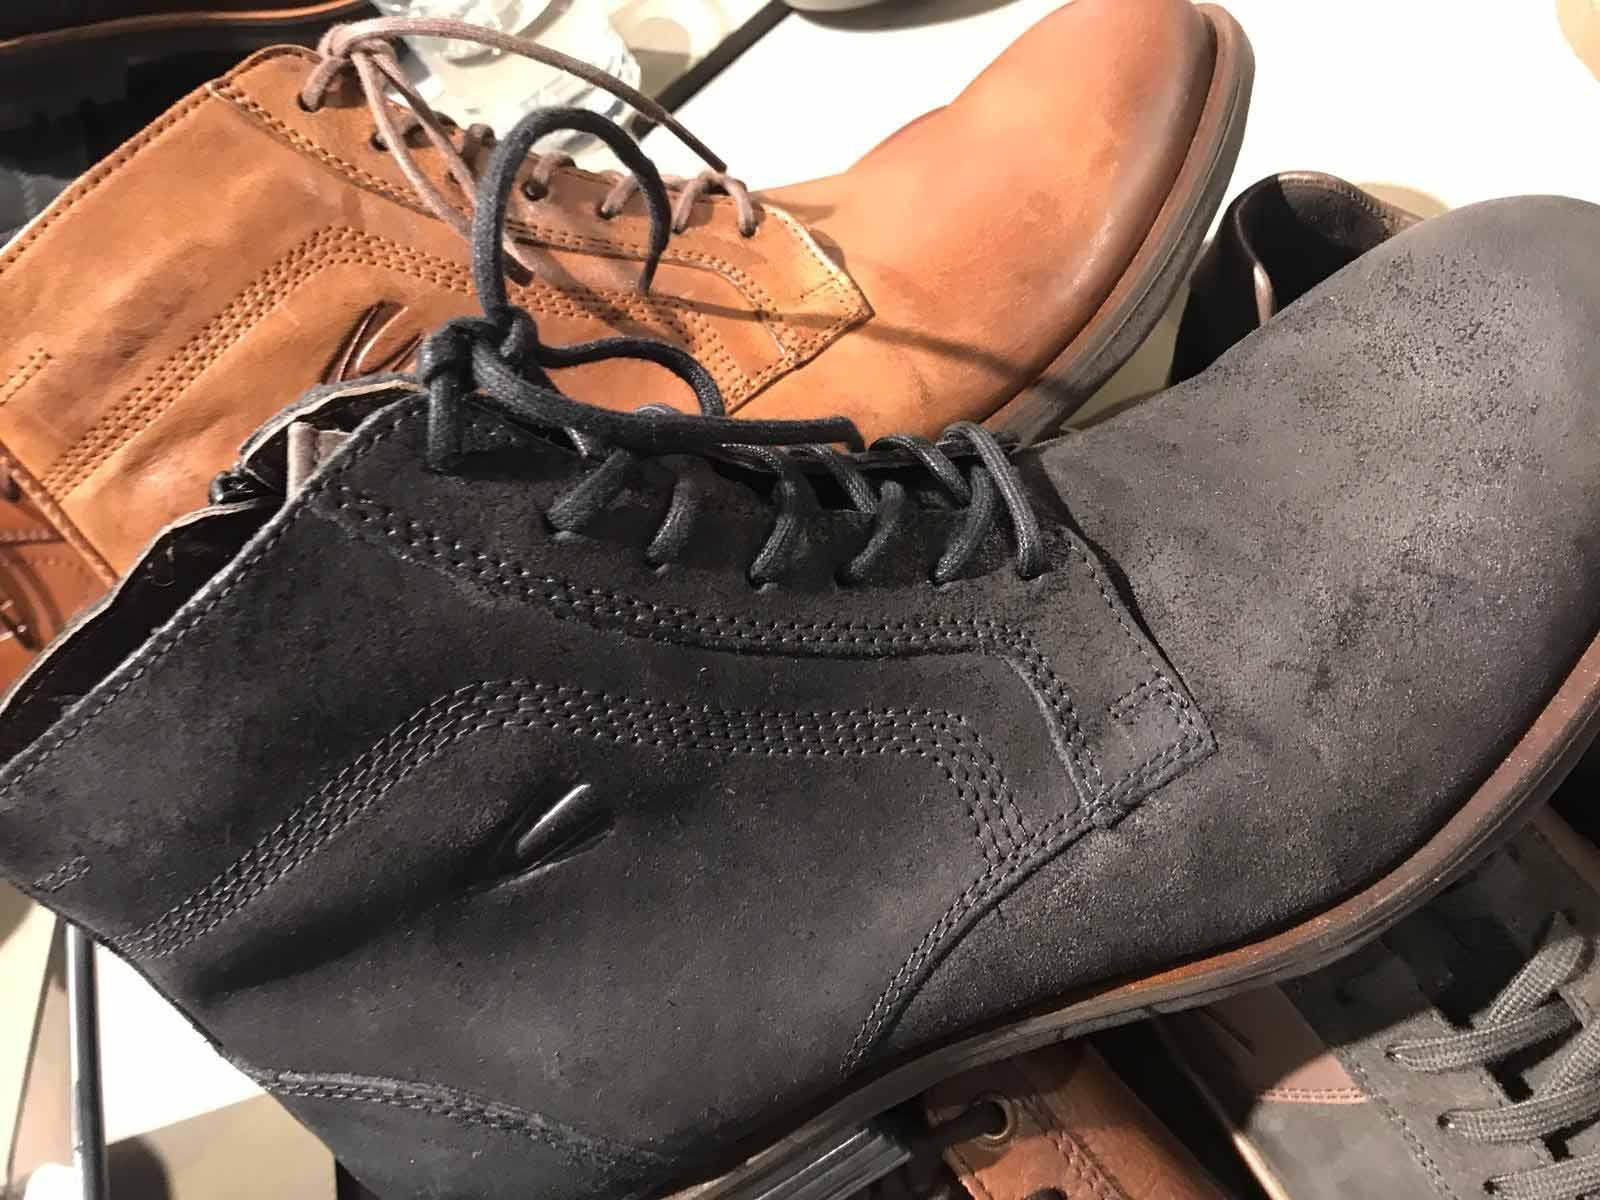 online retailer 38591 53ead Männer aufgepasst! Mega coole große Schuhe bis 49 von Camel ...